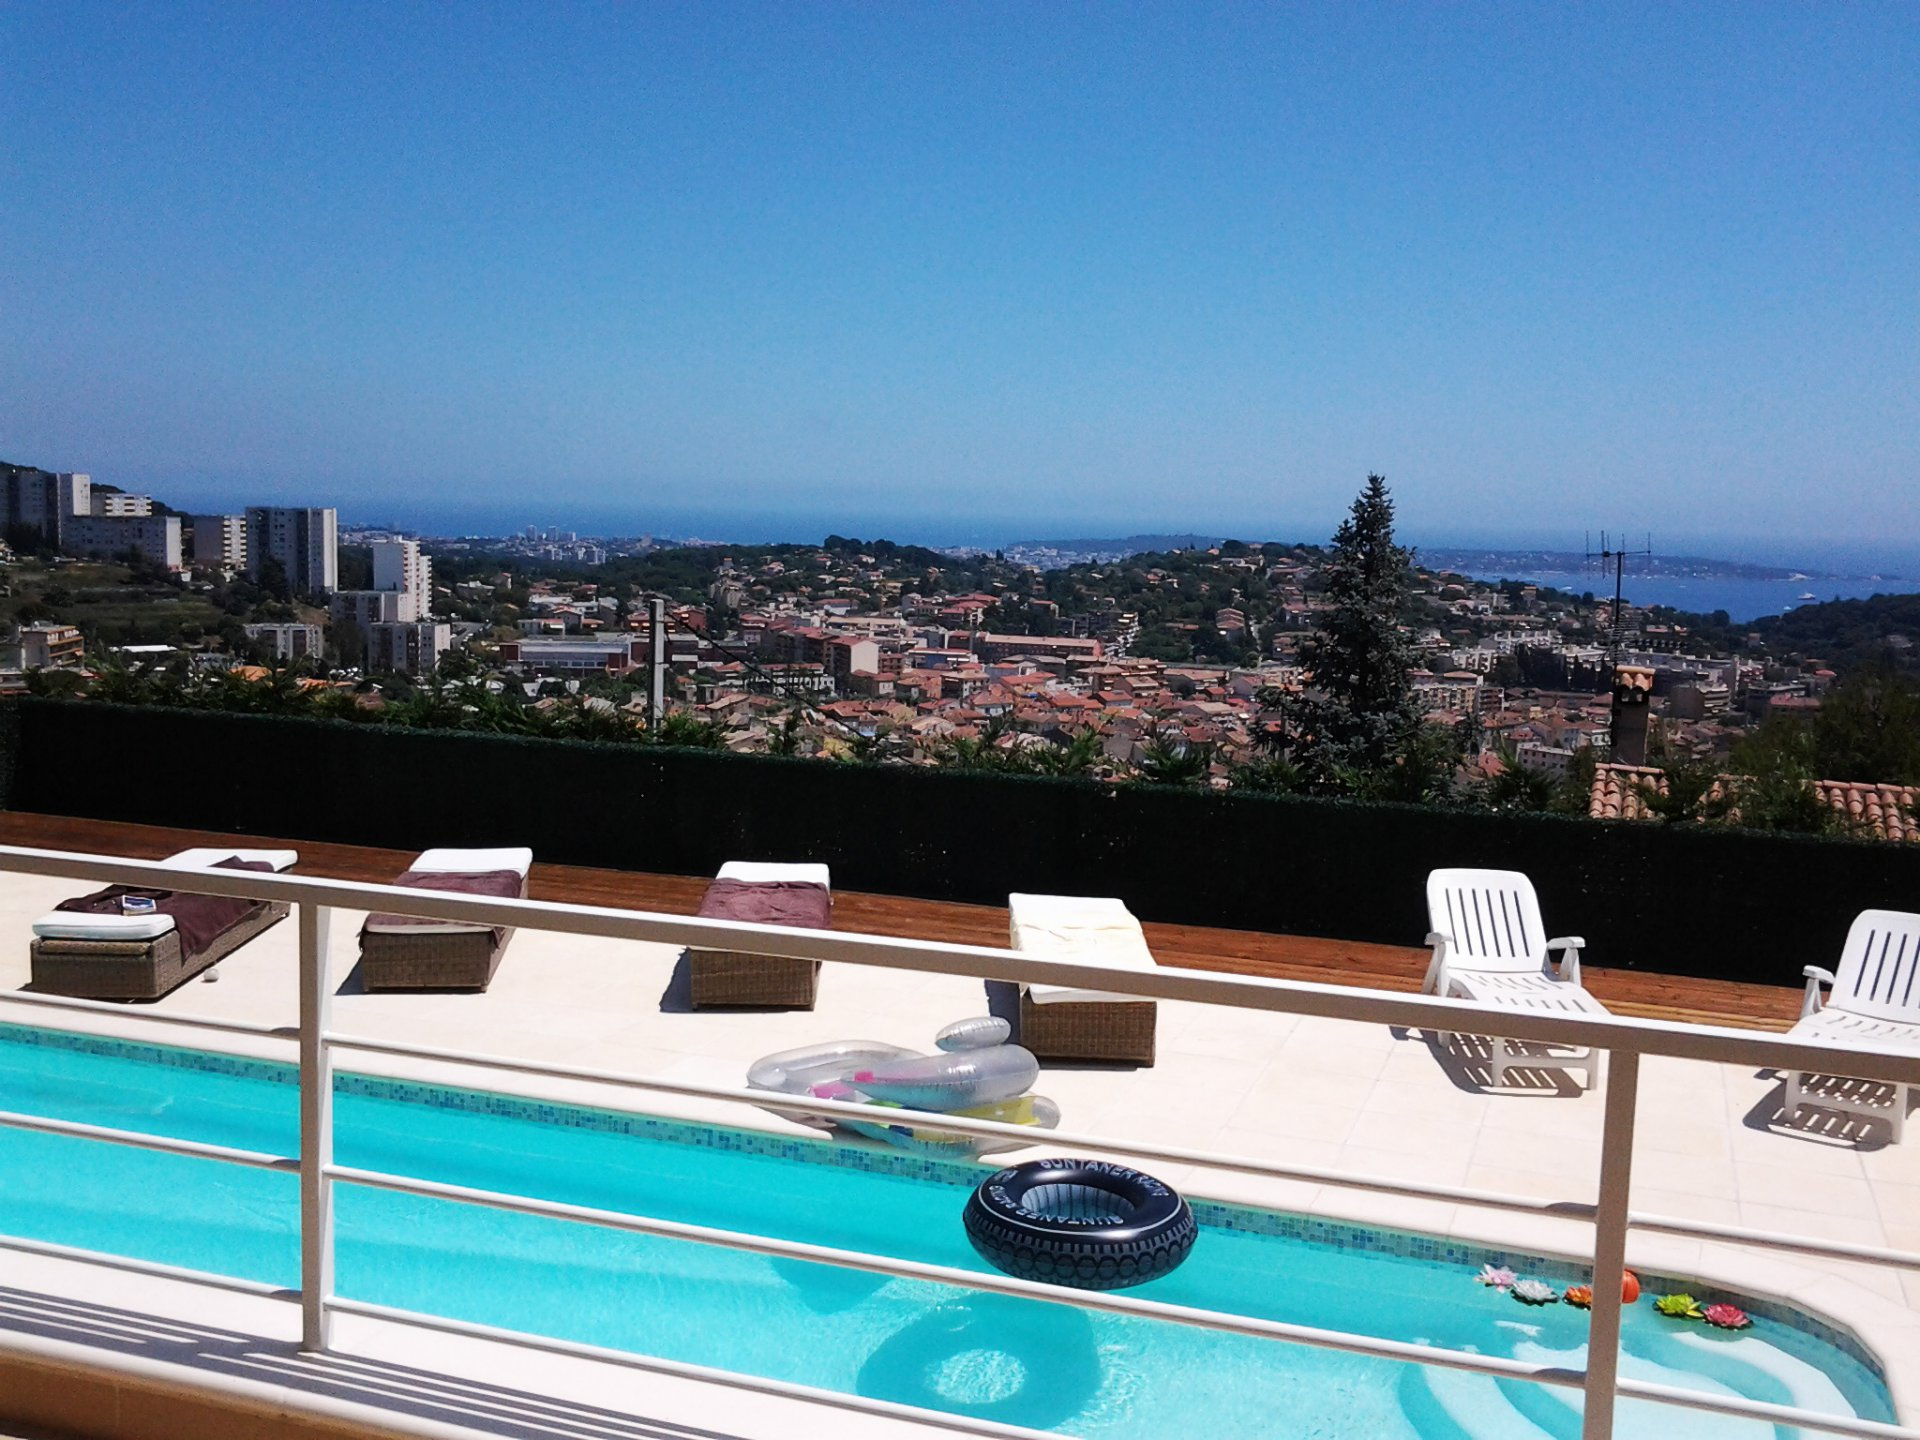 Villa exceptionnelle de plain pied vue mer panoramique